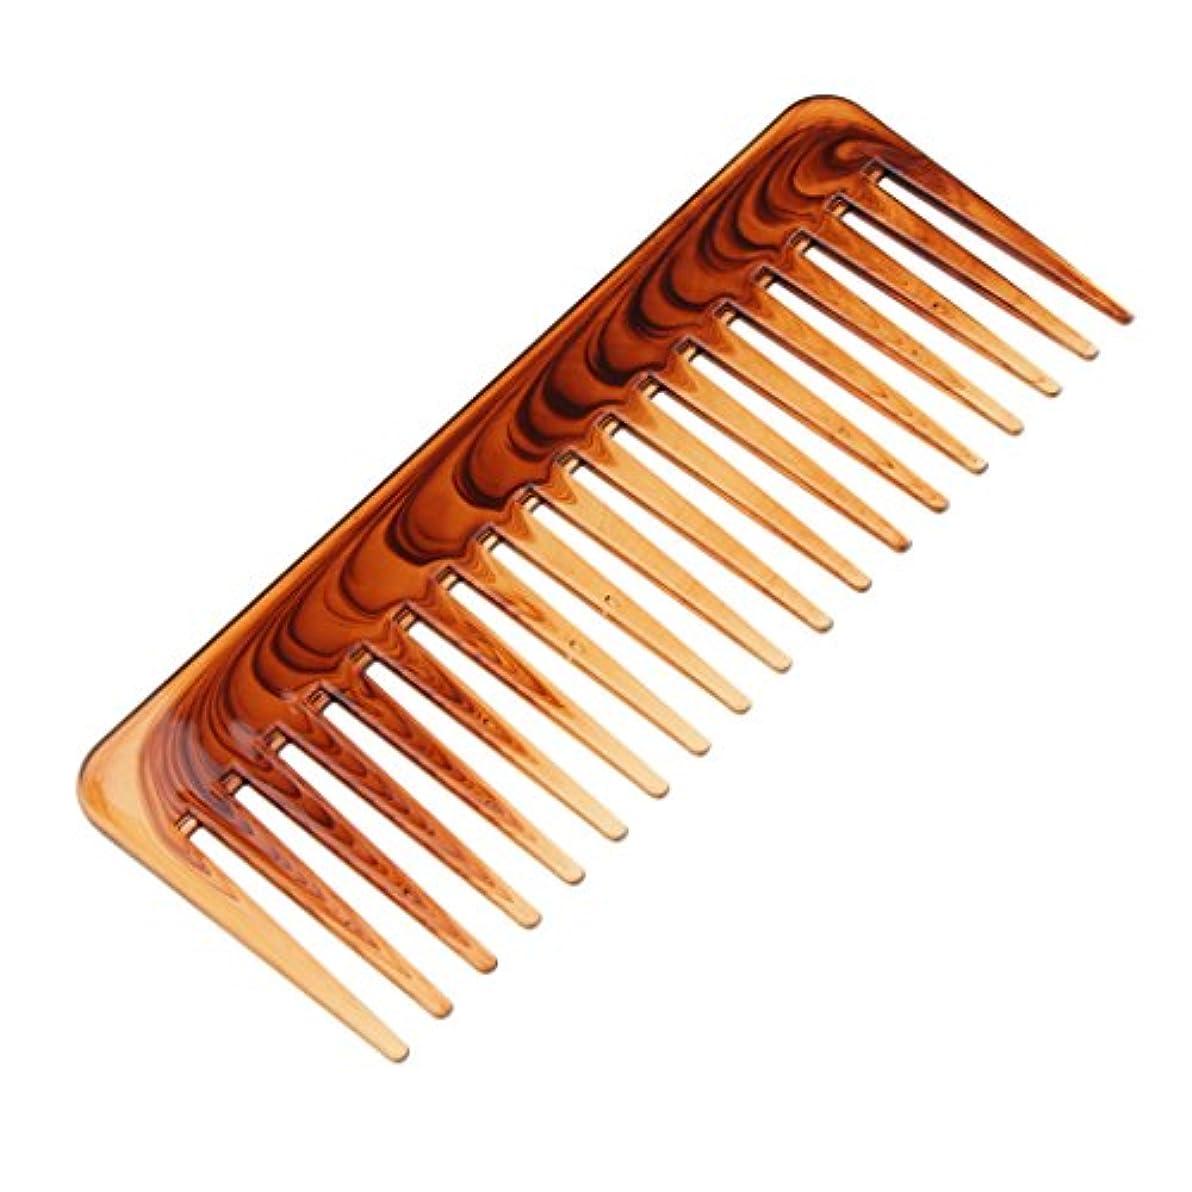 気味の悪い呼ぶ矢じり絡み合った髪の櫛ヘアコンディショニングレーキの櫛幅のあるヘアブラシのツール